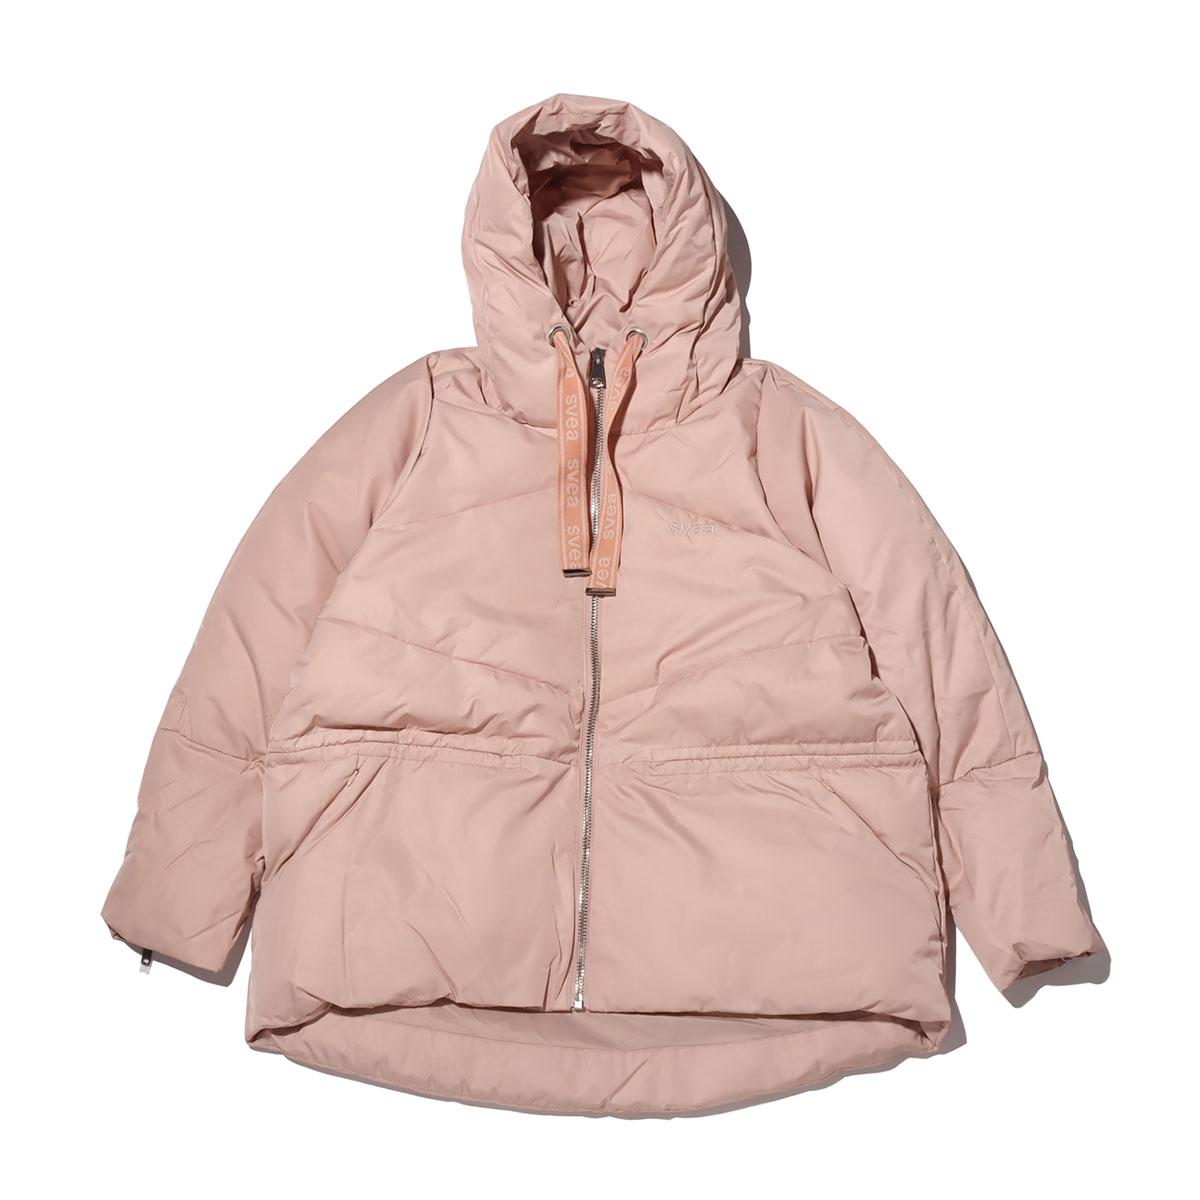 【公式ショップ】 SVEA W. Waspy W. ジャケット】20HO-I jacket ワスピー (スヴェア ワスピー ジャケット)BEIGE【レディース ジャケット】20HO-I, ドレスショップJewel:65aa90ae --- kventurepartners.sakura.ne.jp